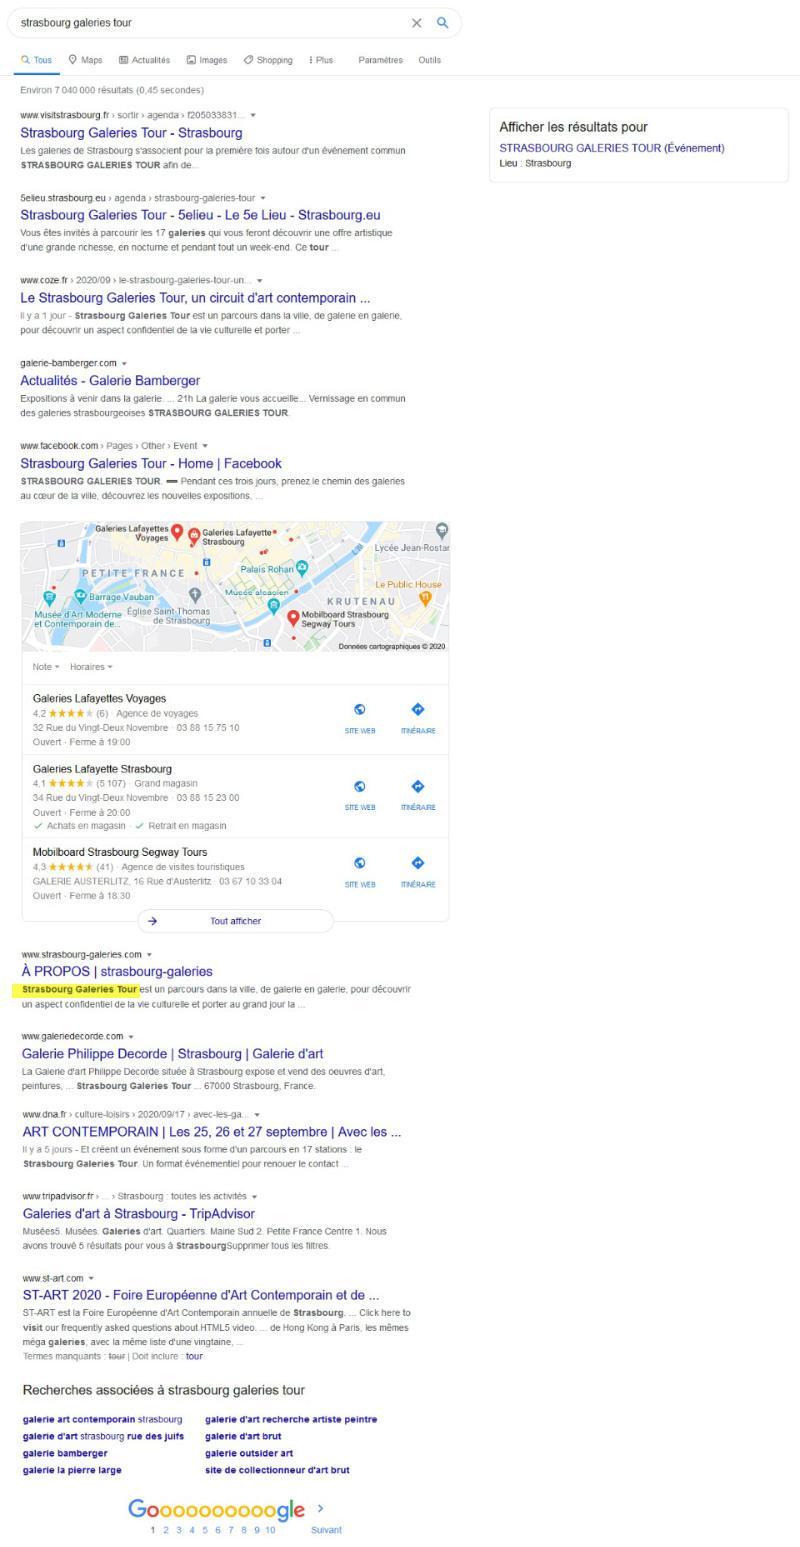 """Résultats de recherche sur Google pour """"strasbourg galeries tour"""""""